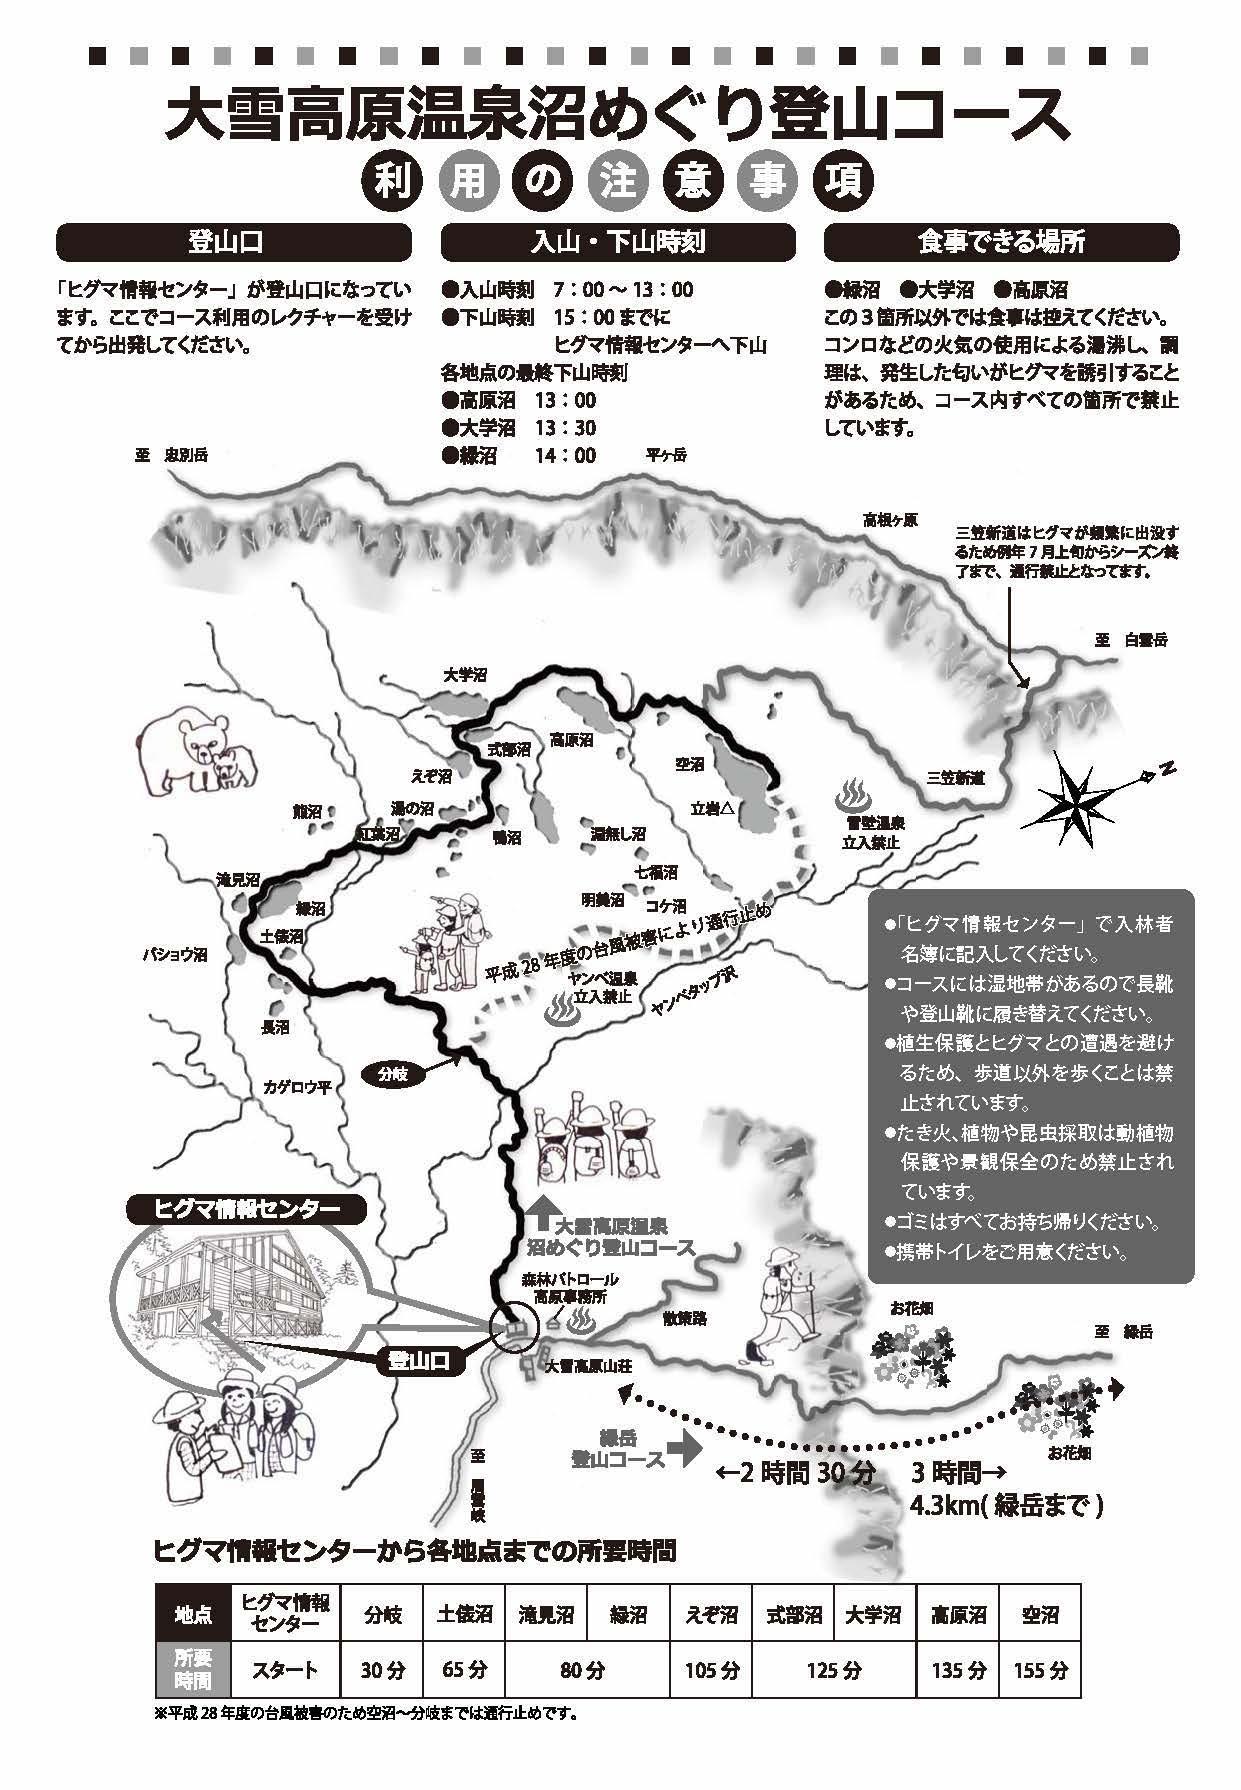 大雪高原温泉沼めぐり登山コース チラシ